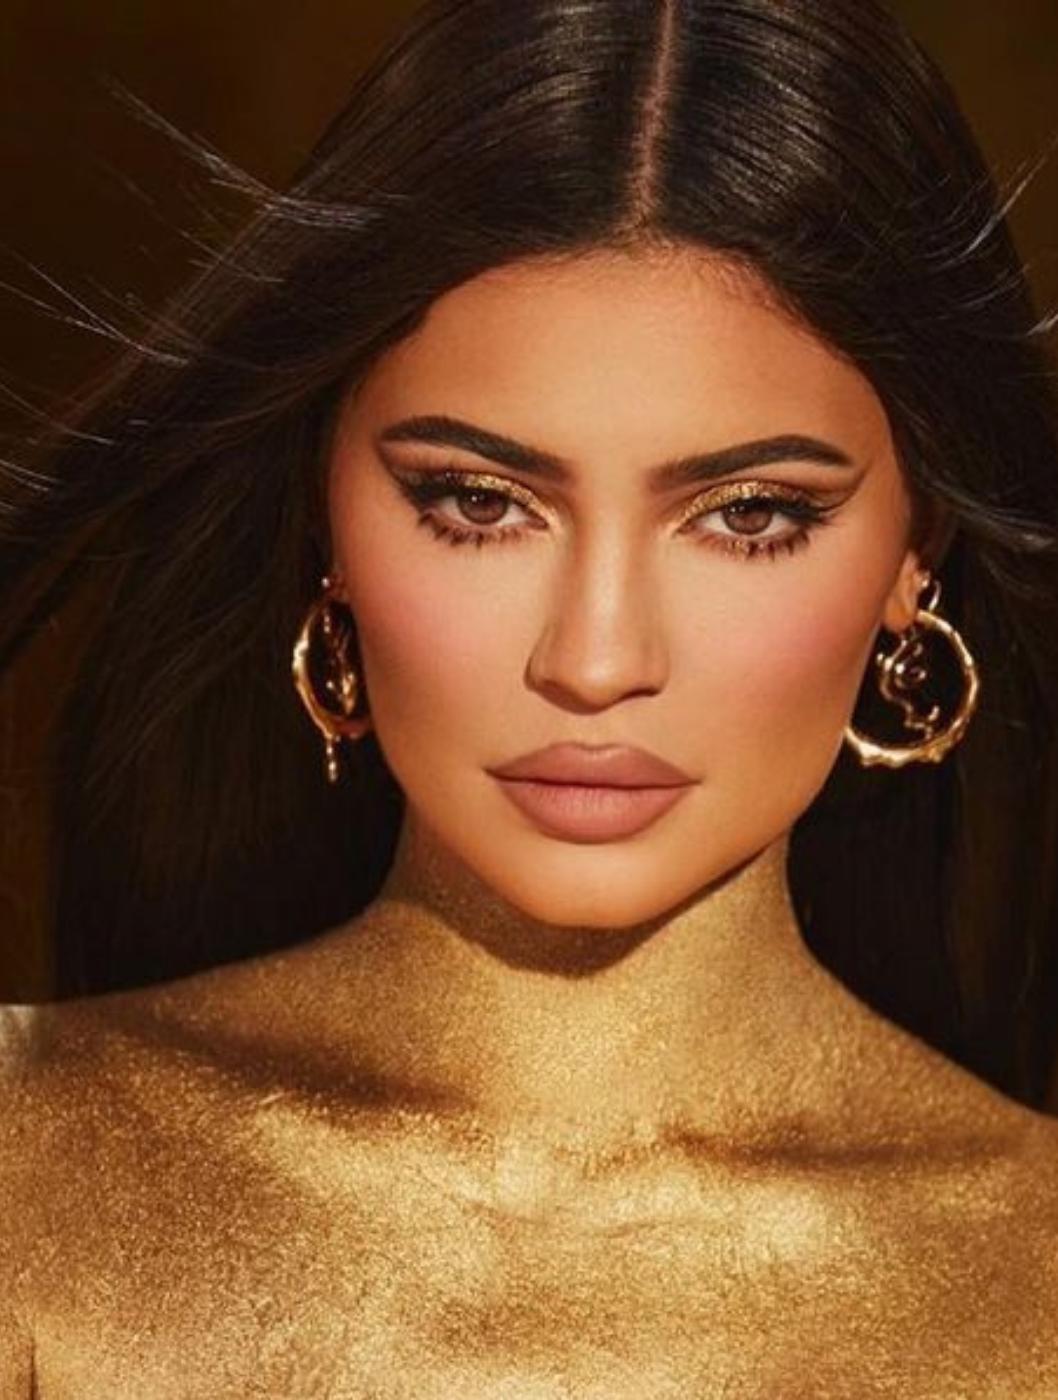 Kylie Jenner møder op til New York Fashion Week i blonder fra top til tå og viser hendes Baby Bump frem.